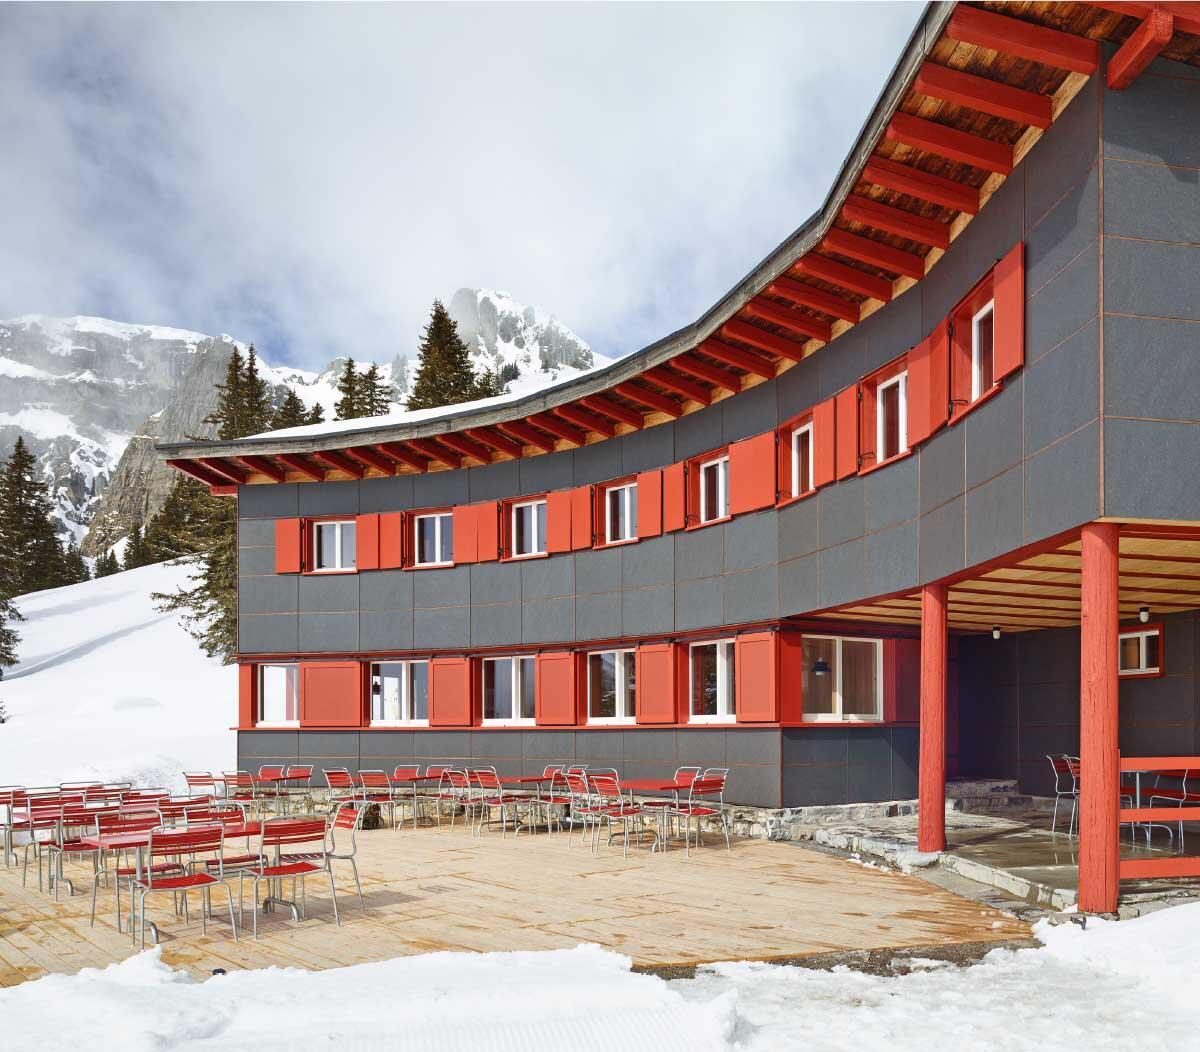 Das Ortstockhaus lädt in der verschneiten Berglandschaft zur Rast ein. In der wiederhergestellten offenen Halle finden Berggänger bei schlechtem Wetter Schutz. Die später hinzugefügte Aufstockung darüber behielt man als Pächterwohnung bei. Bild: Hannes Henz